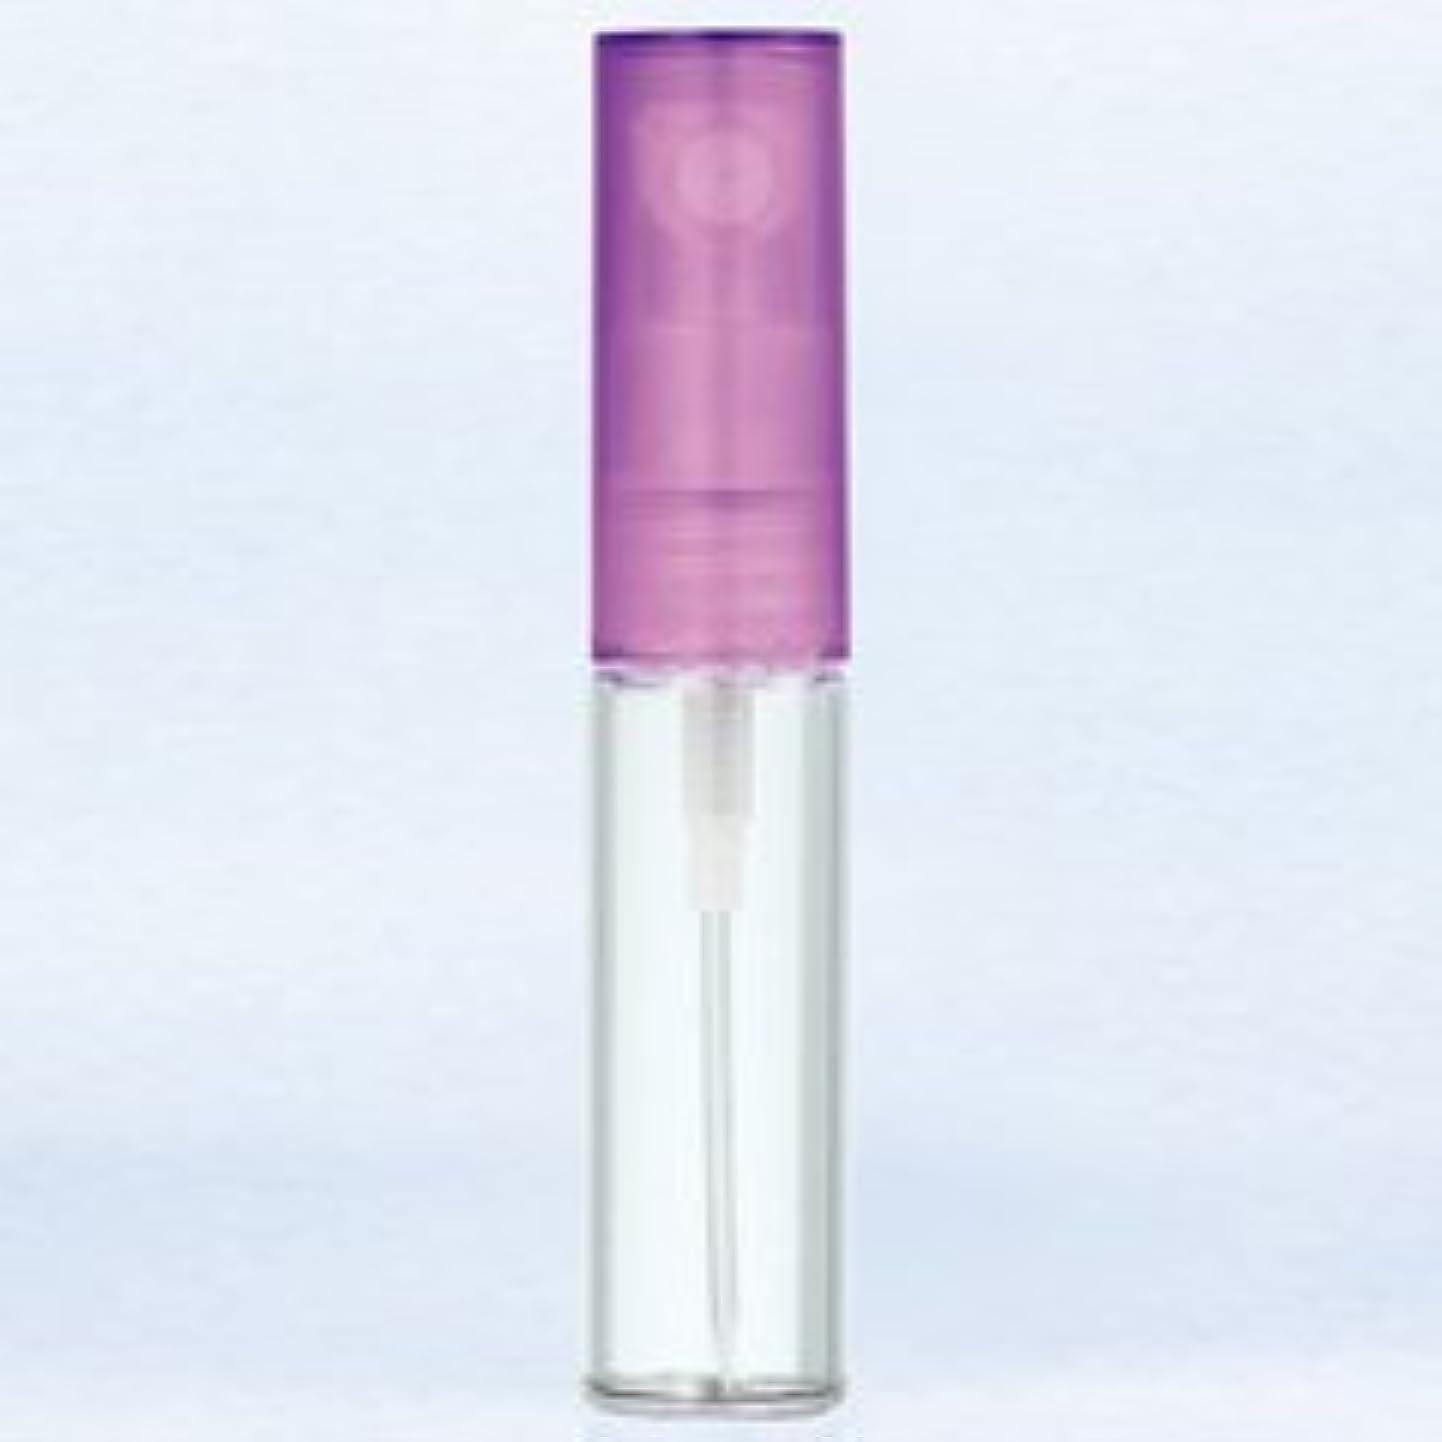 【ヤマダアトマイザー】グラスアトマイザー プラスチックポンプ 無地 4327 キャップ パープル 4ml